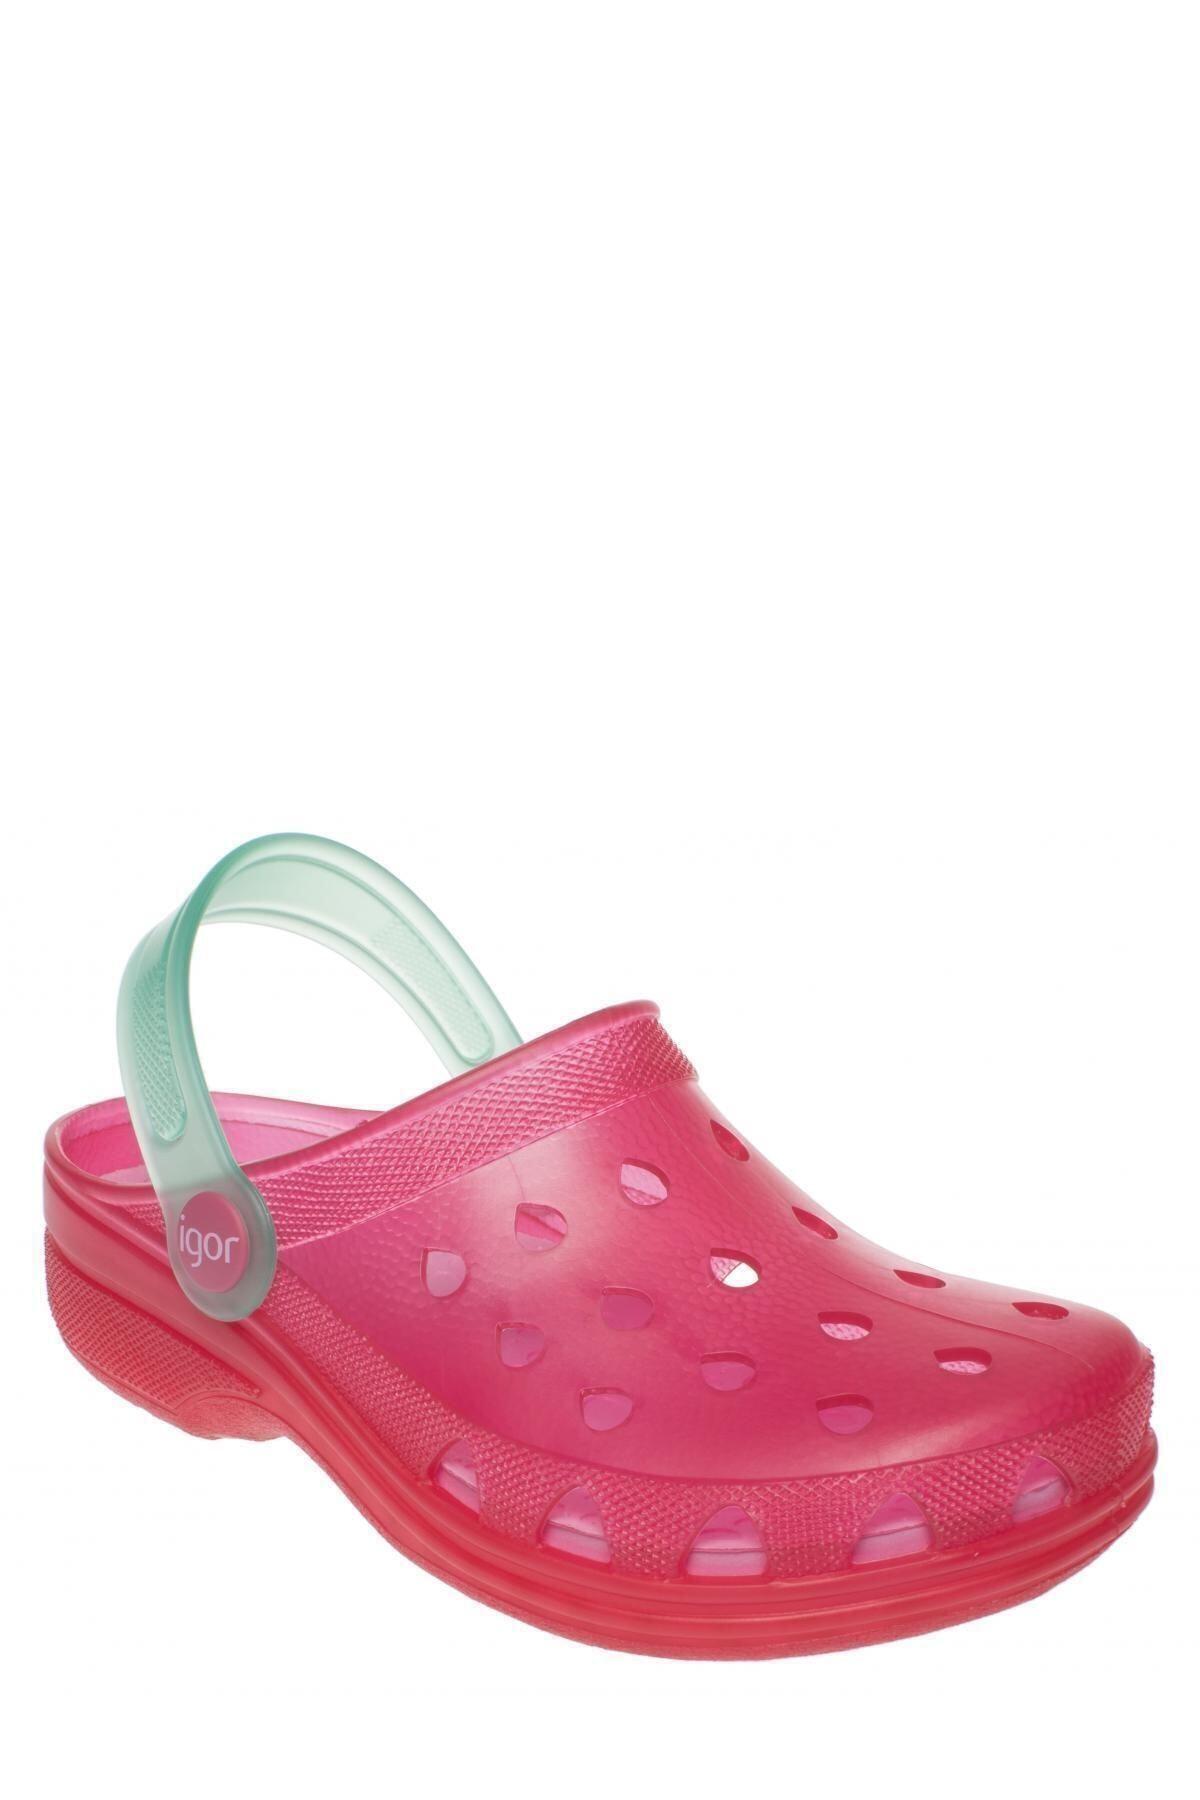 IGOR S10116 -Ö14 Fuşya Kız Çocuk Sandalet 100293819 1